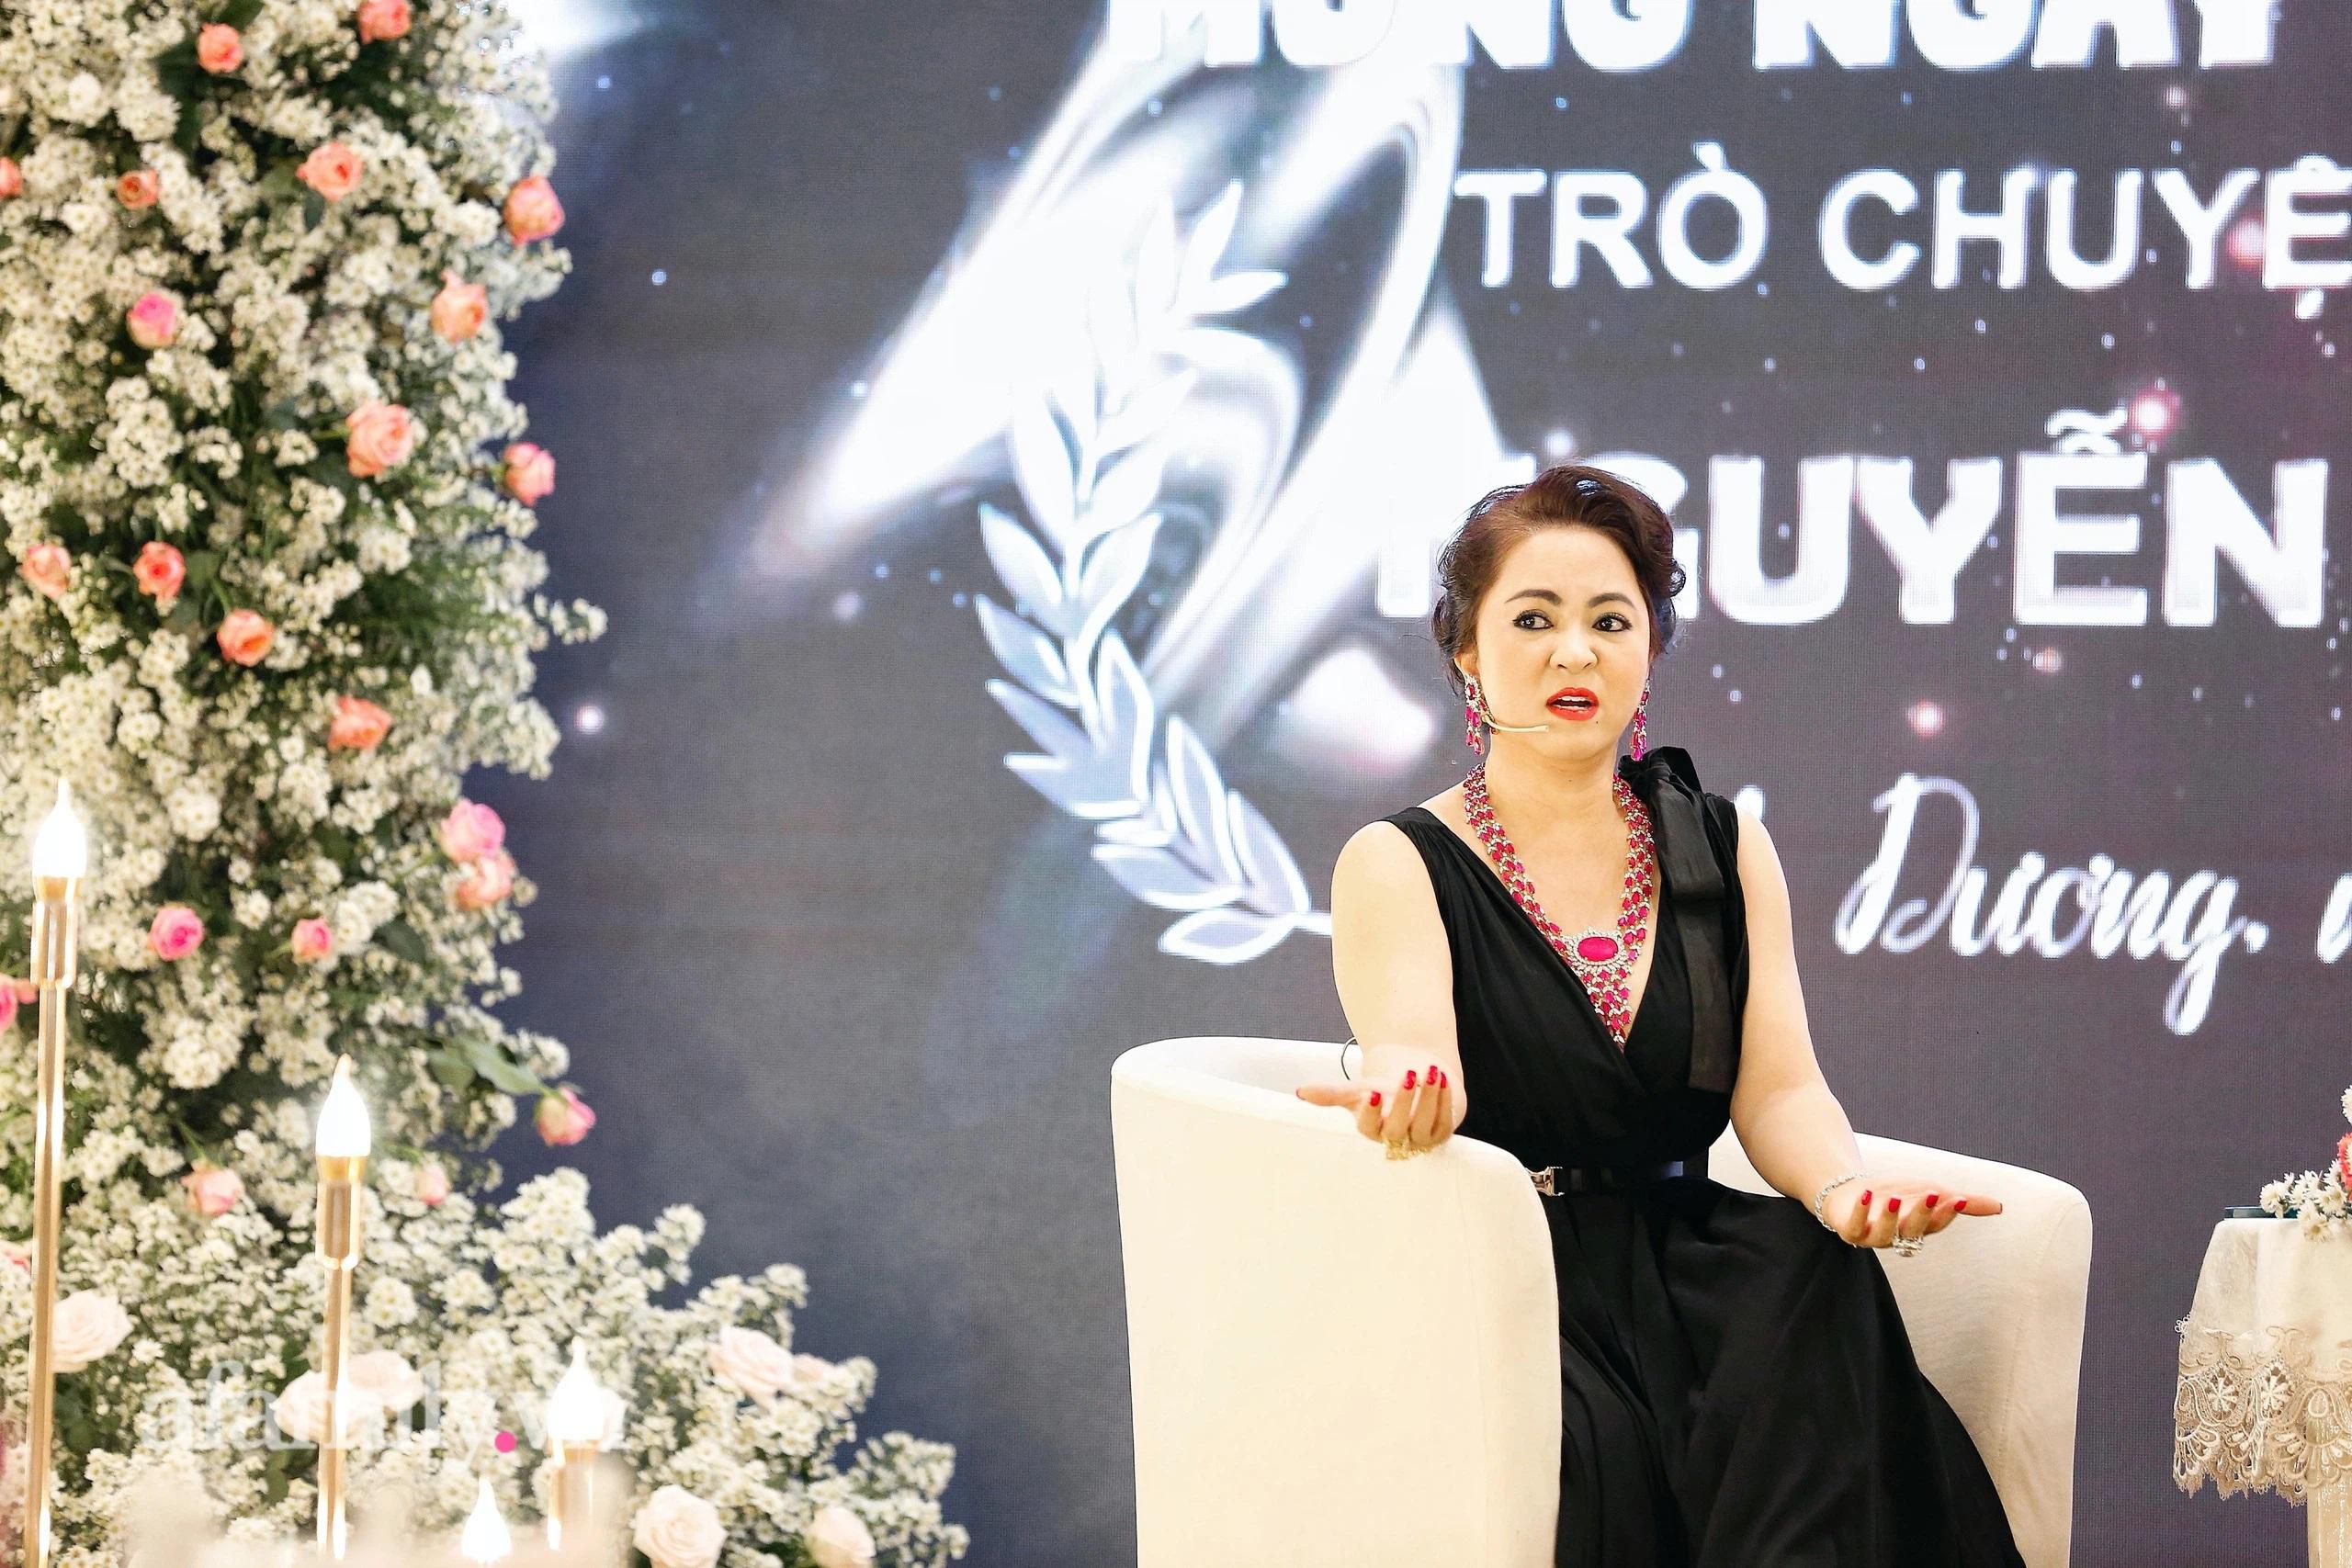 """Bà Phương Hằng - vợ Dũng """"lò vôi"""" khẳng định mình xa xỉ bậc nhất Việt Nam: """"Kim cương, sổ đỏ phải tính bằng ký, đi xe vài chục tỷ nhưng biết đủ!"""" - Ảnh 4."""